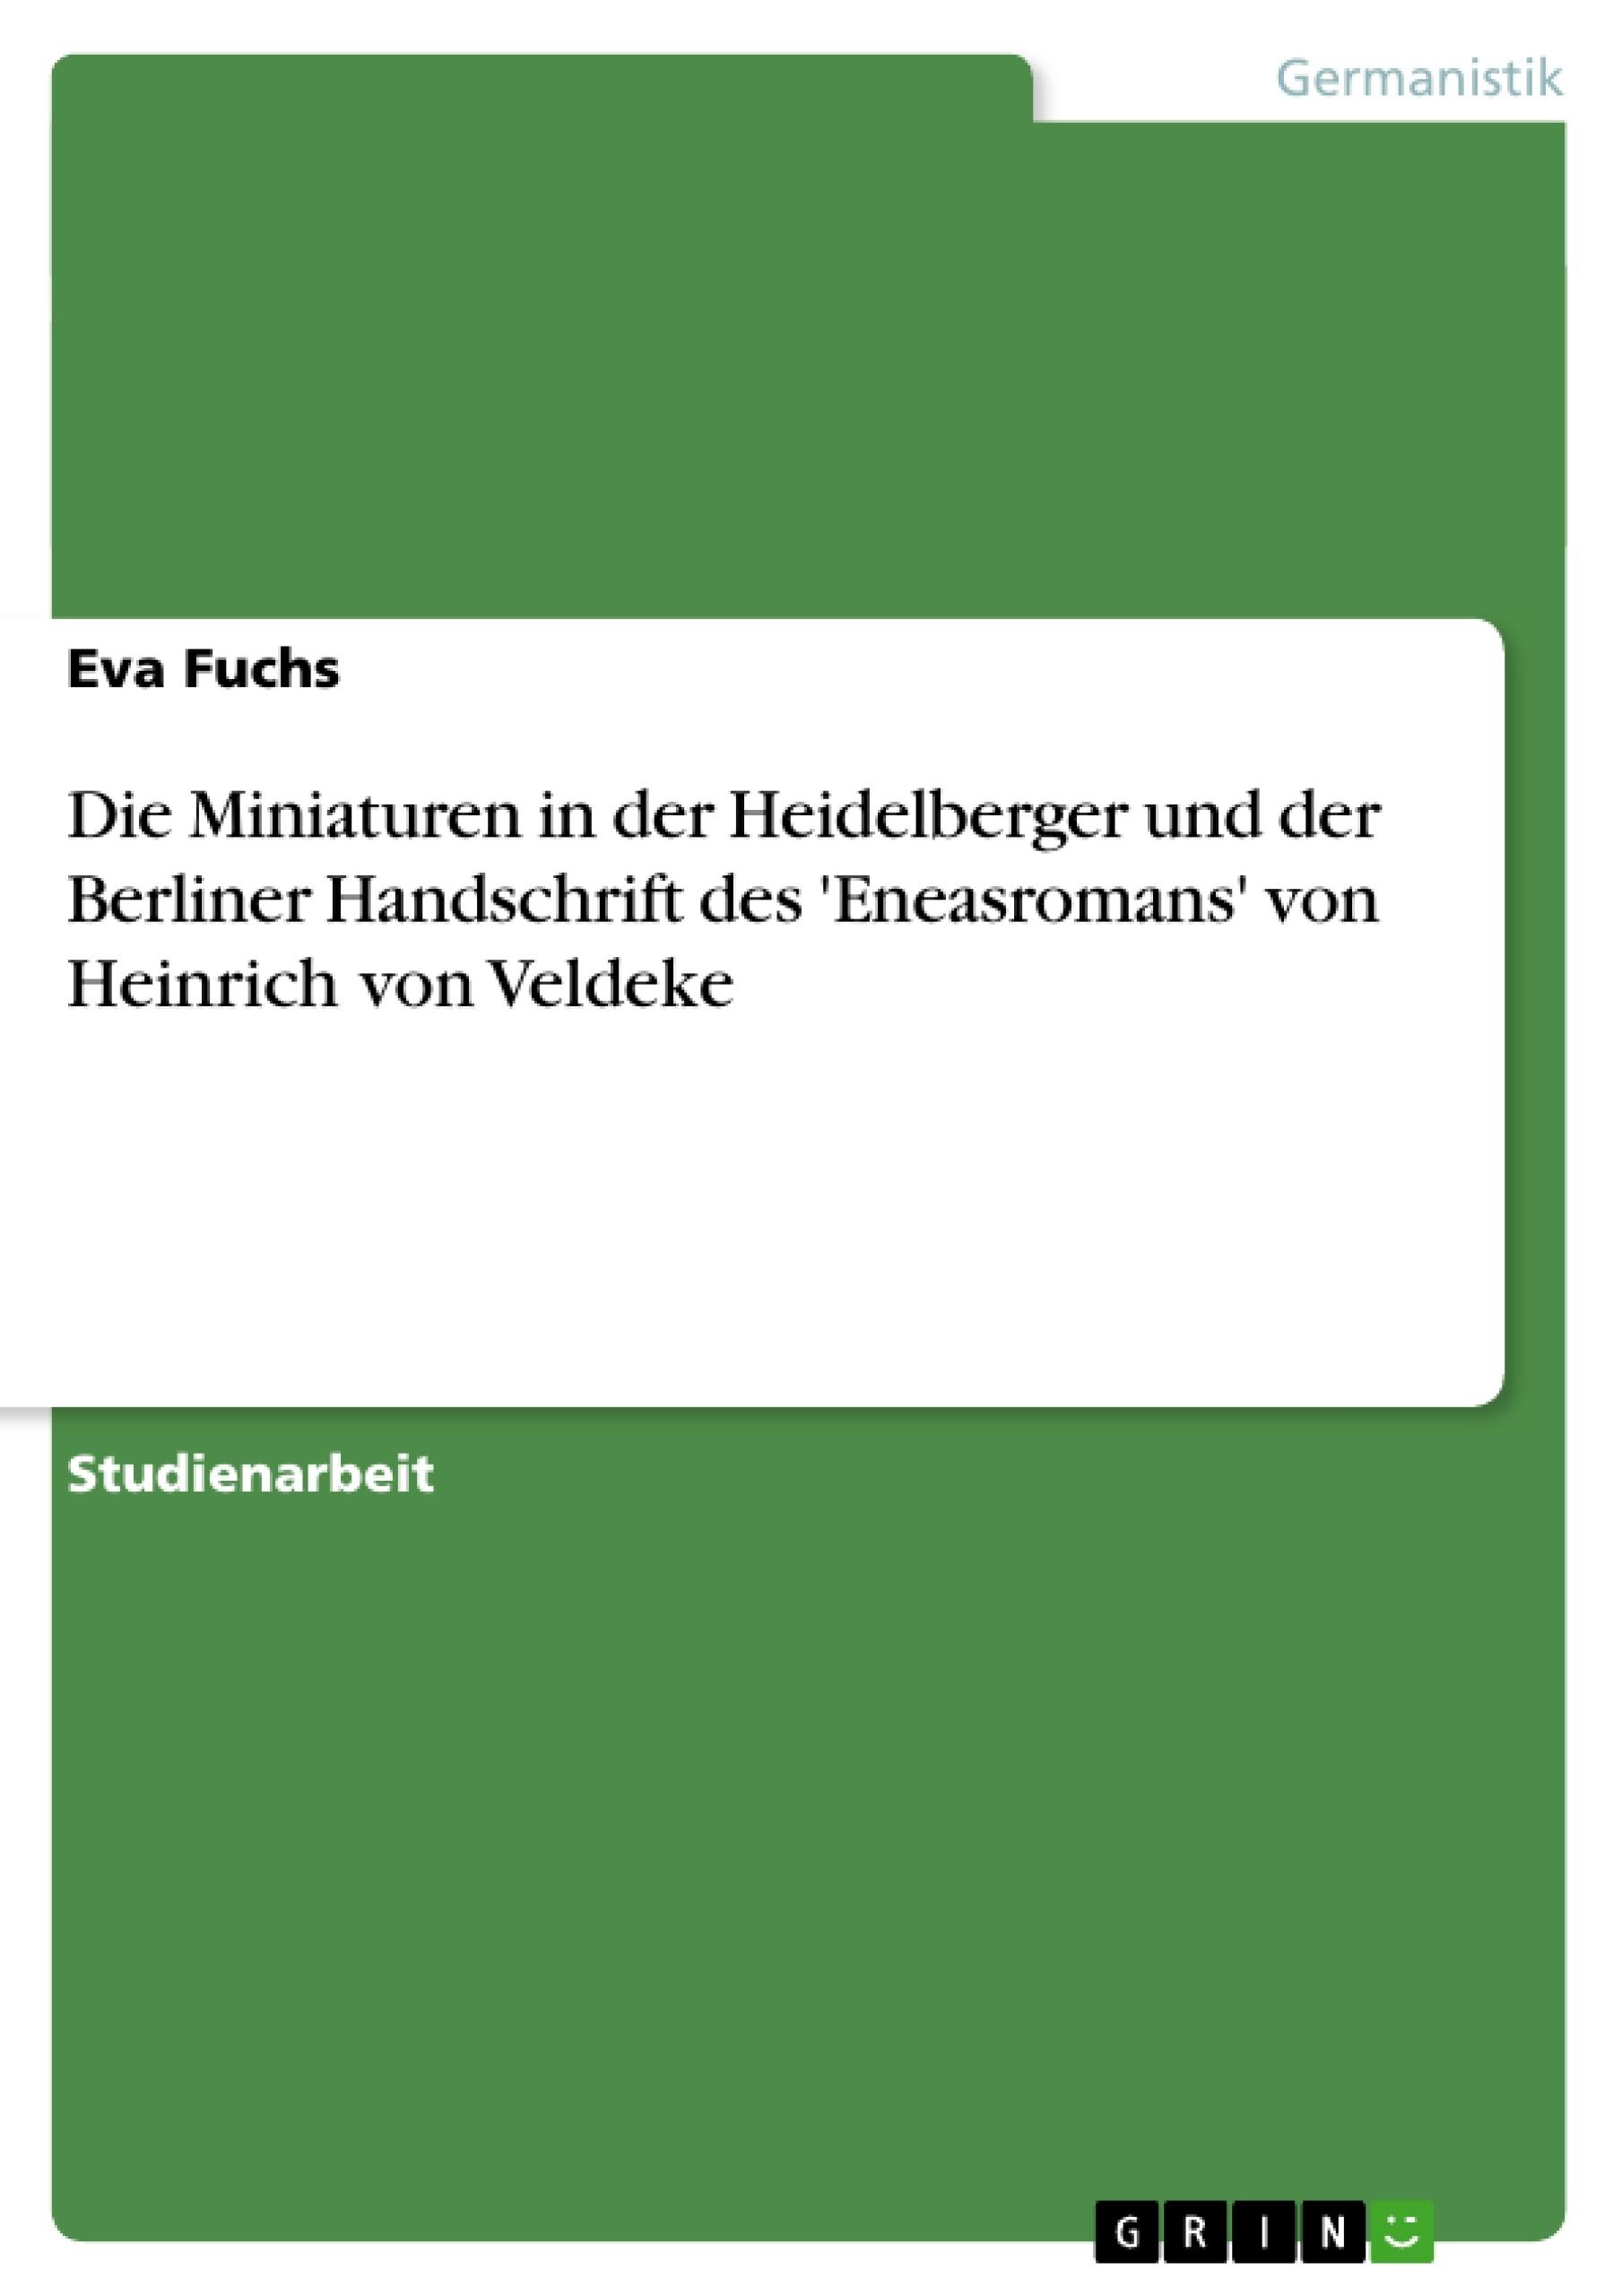 Titel: Die Miniaturen in der Heidelberger und der Berliner Handschrift des 'Eneasromans' von Heinrich von Veldeke